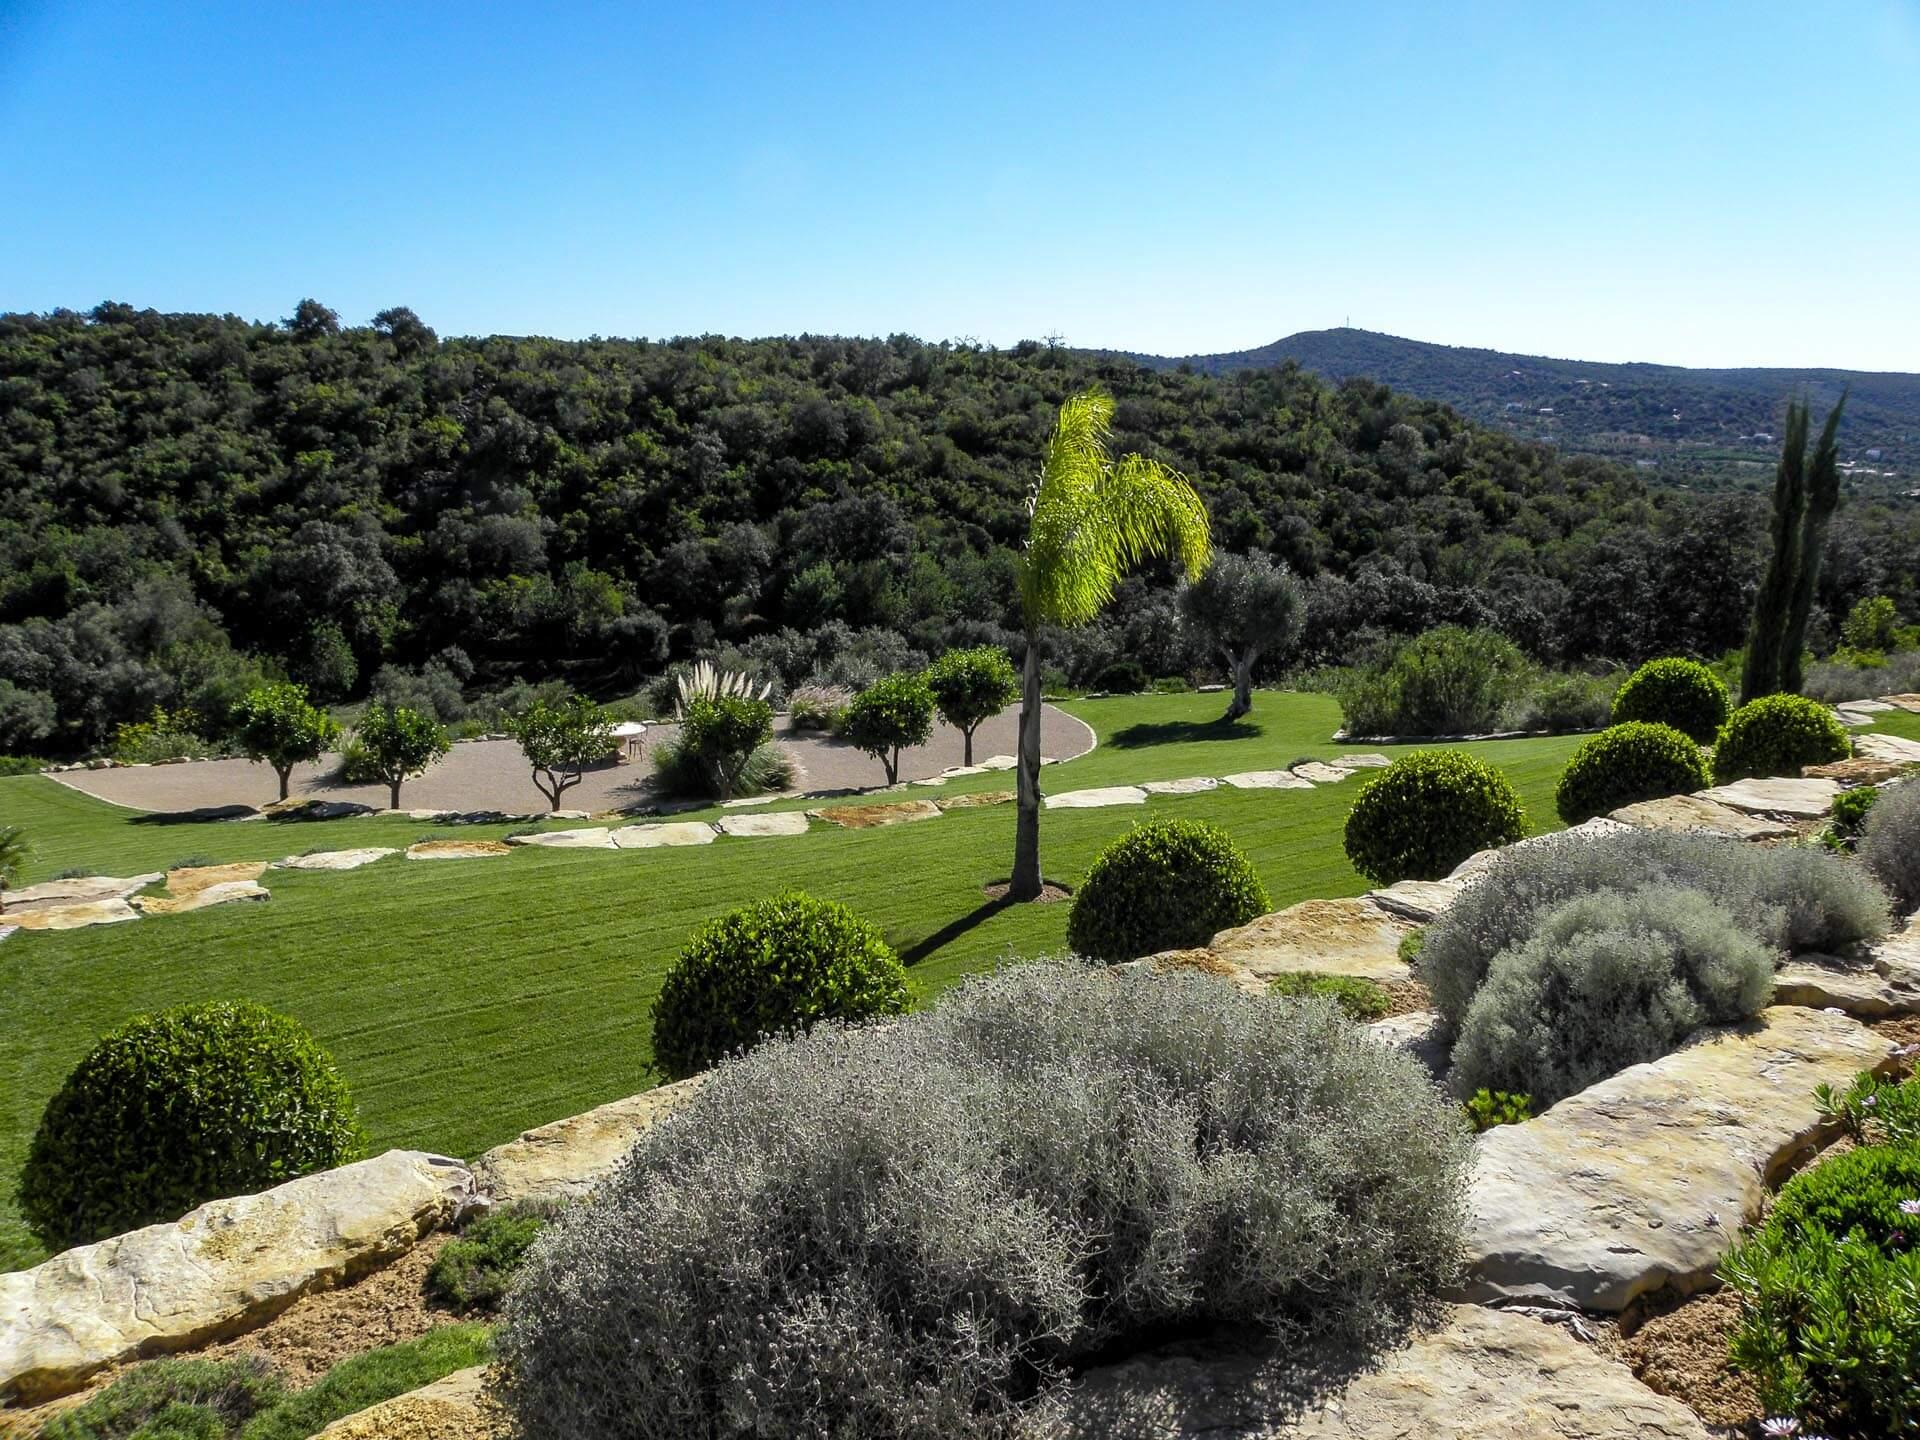 Algarve Mediterranean country garden lawn